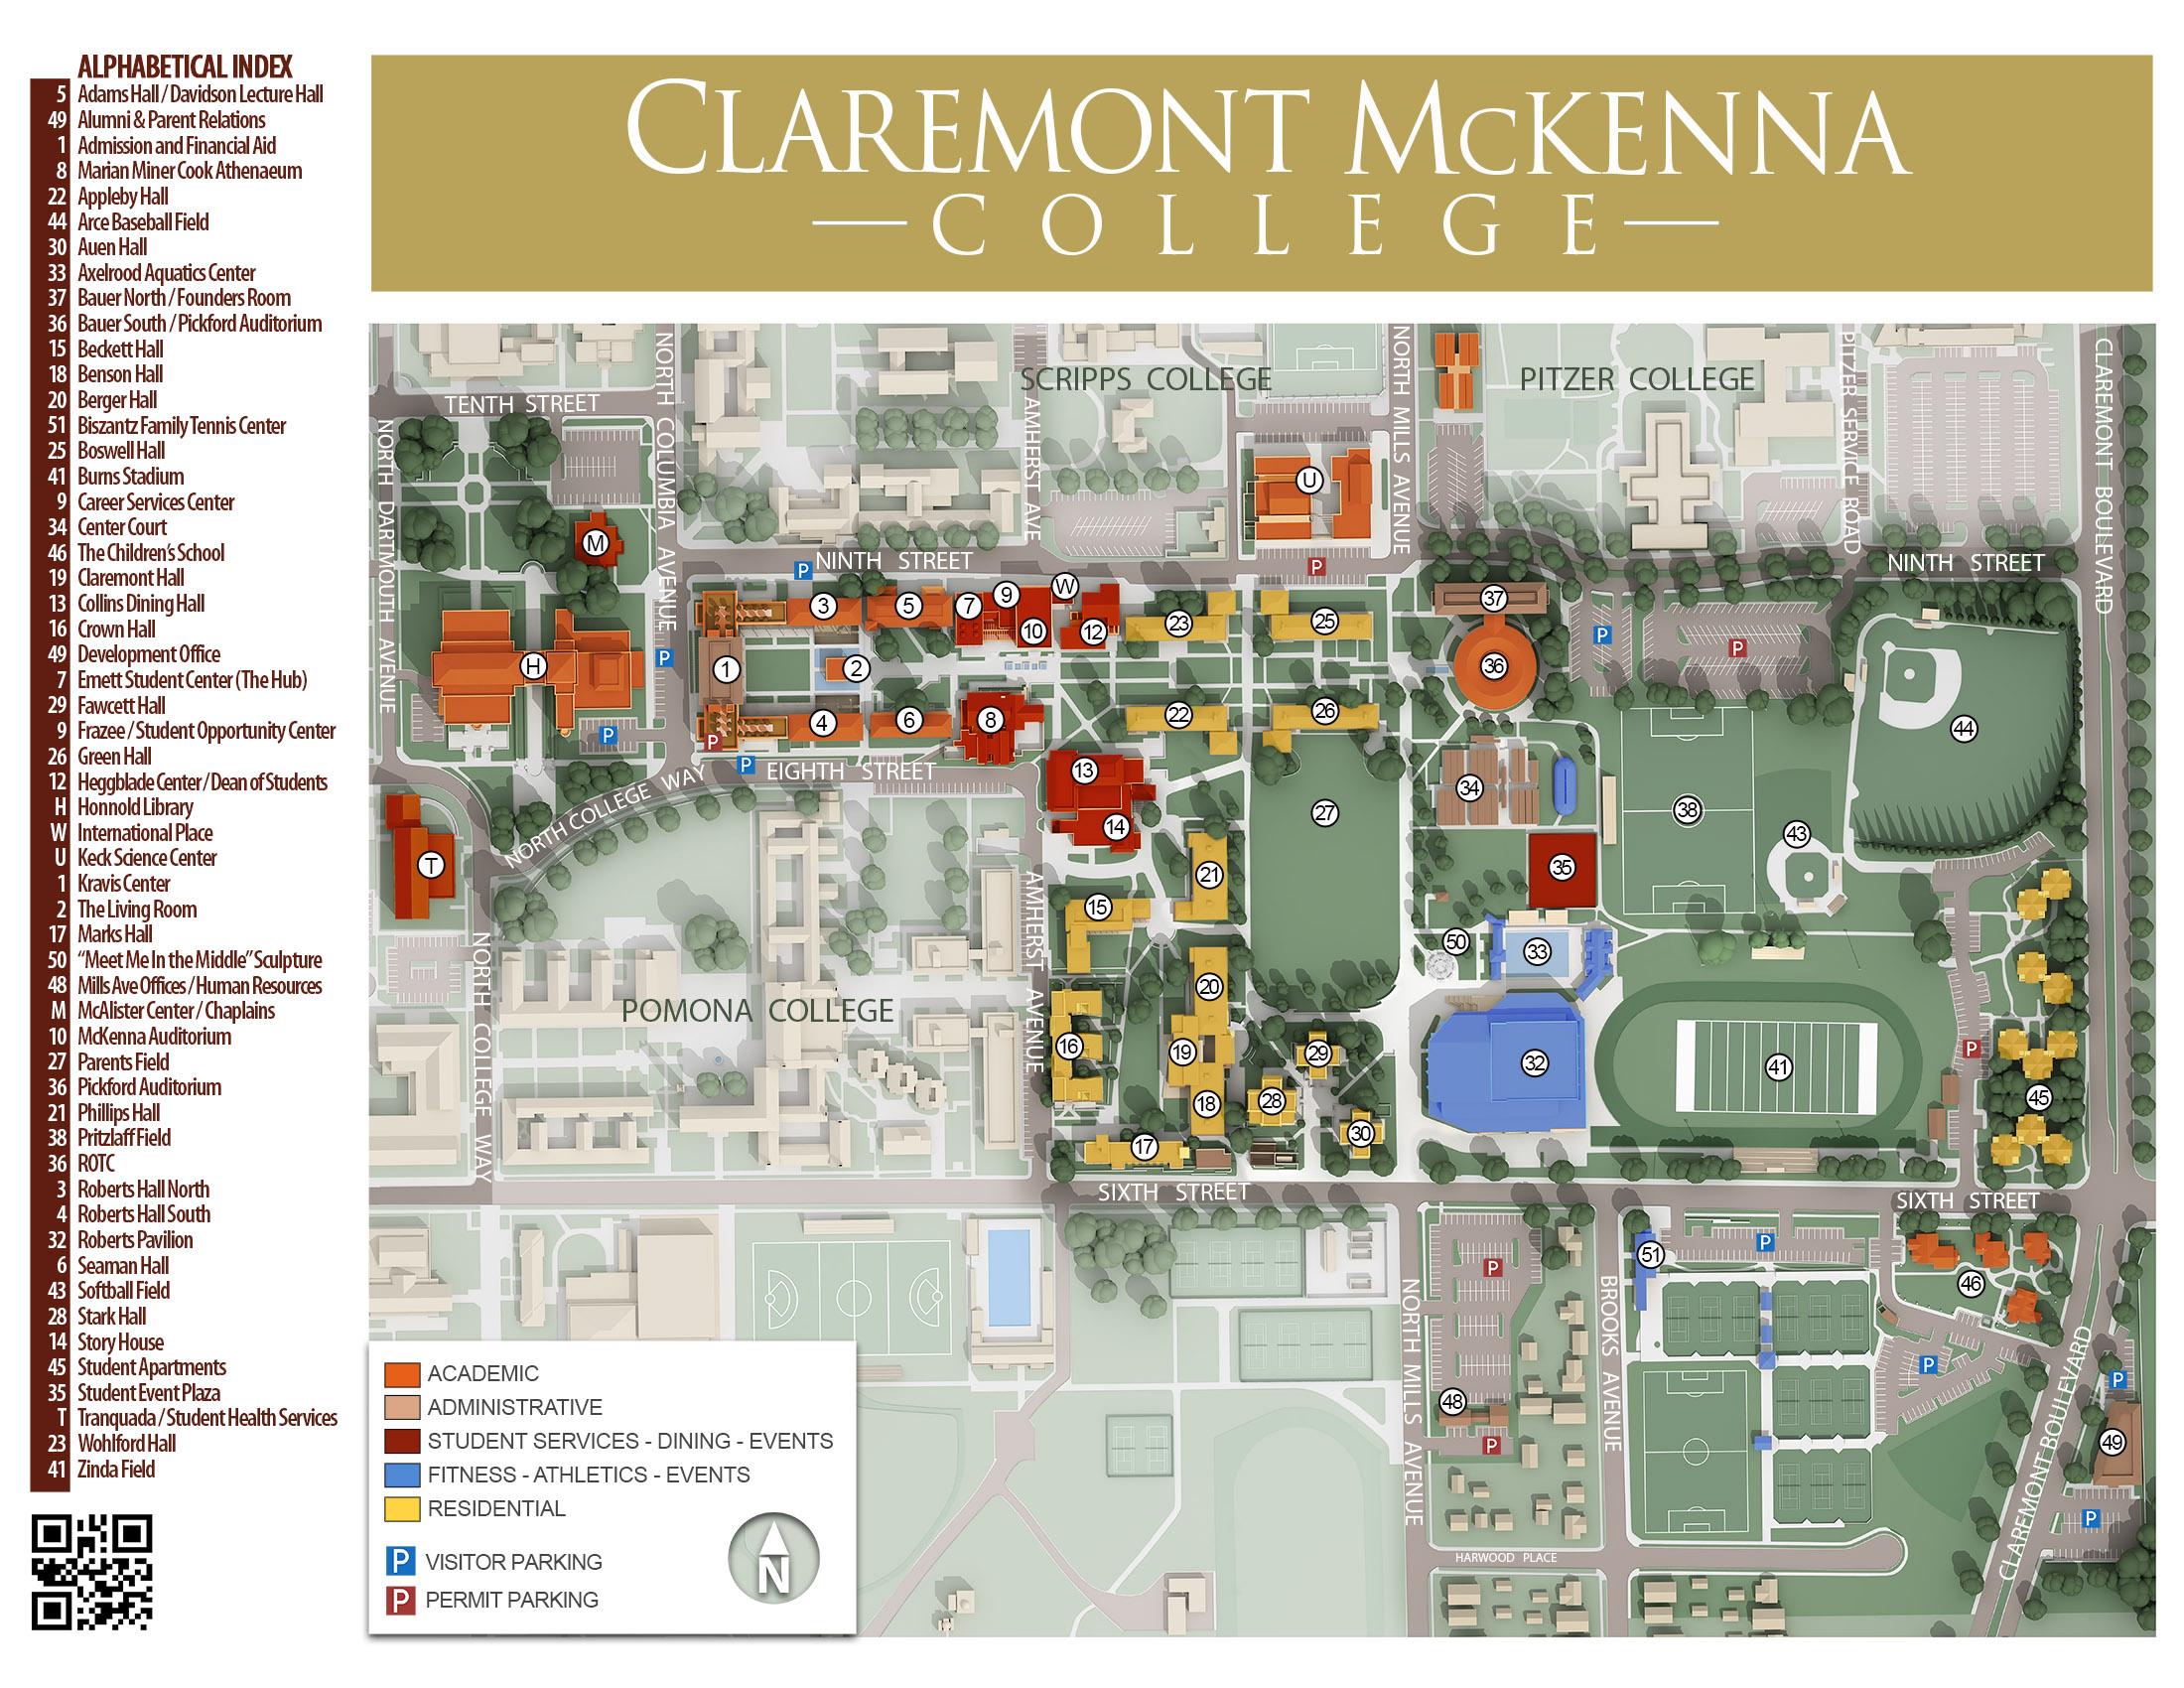 Cmc Campus Maps Claremont Mckenna College